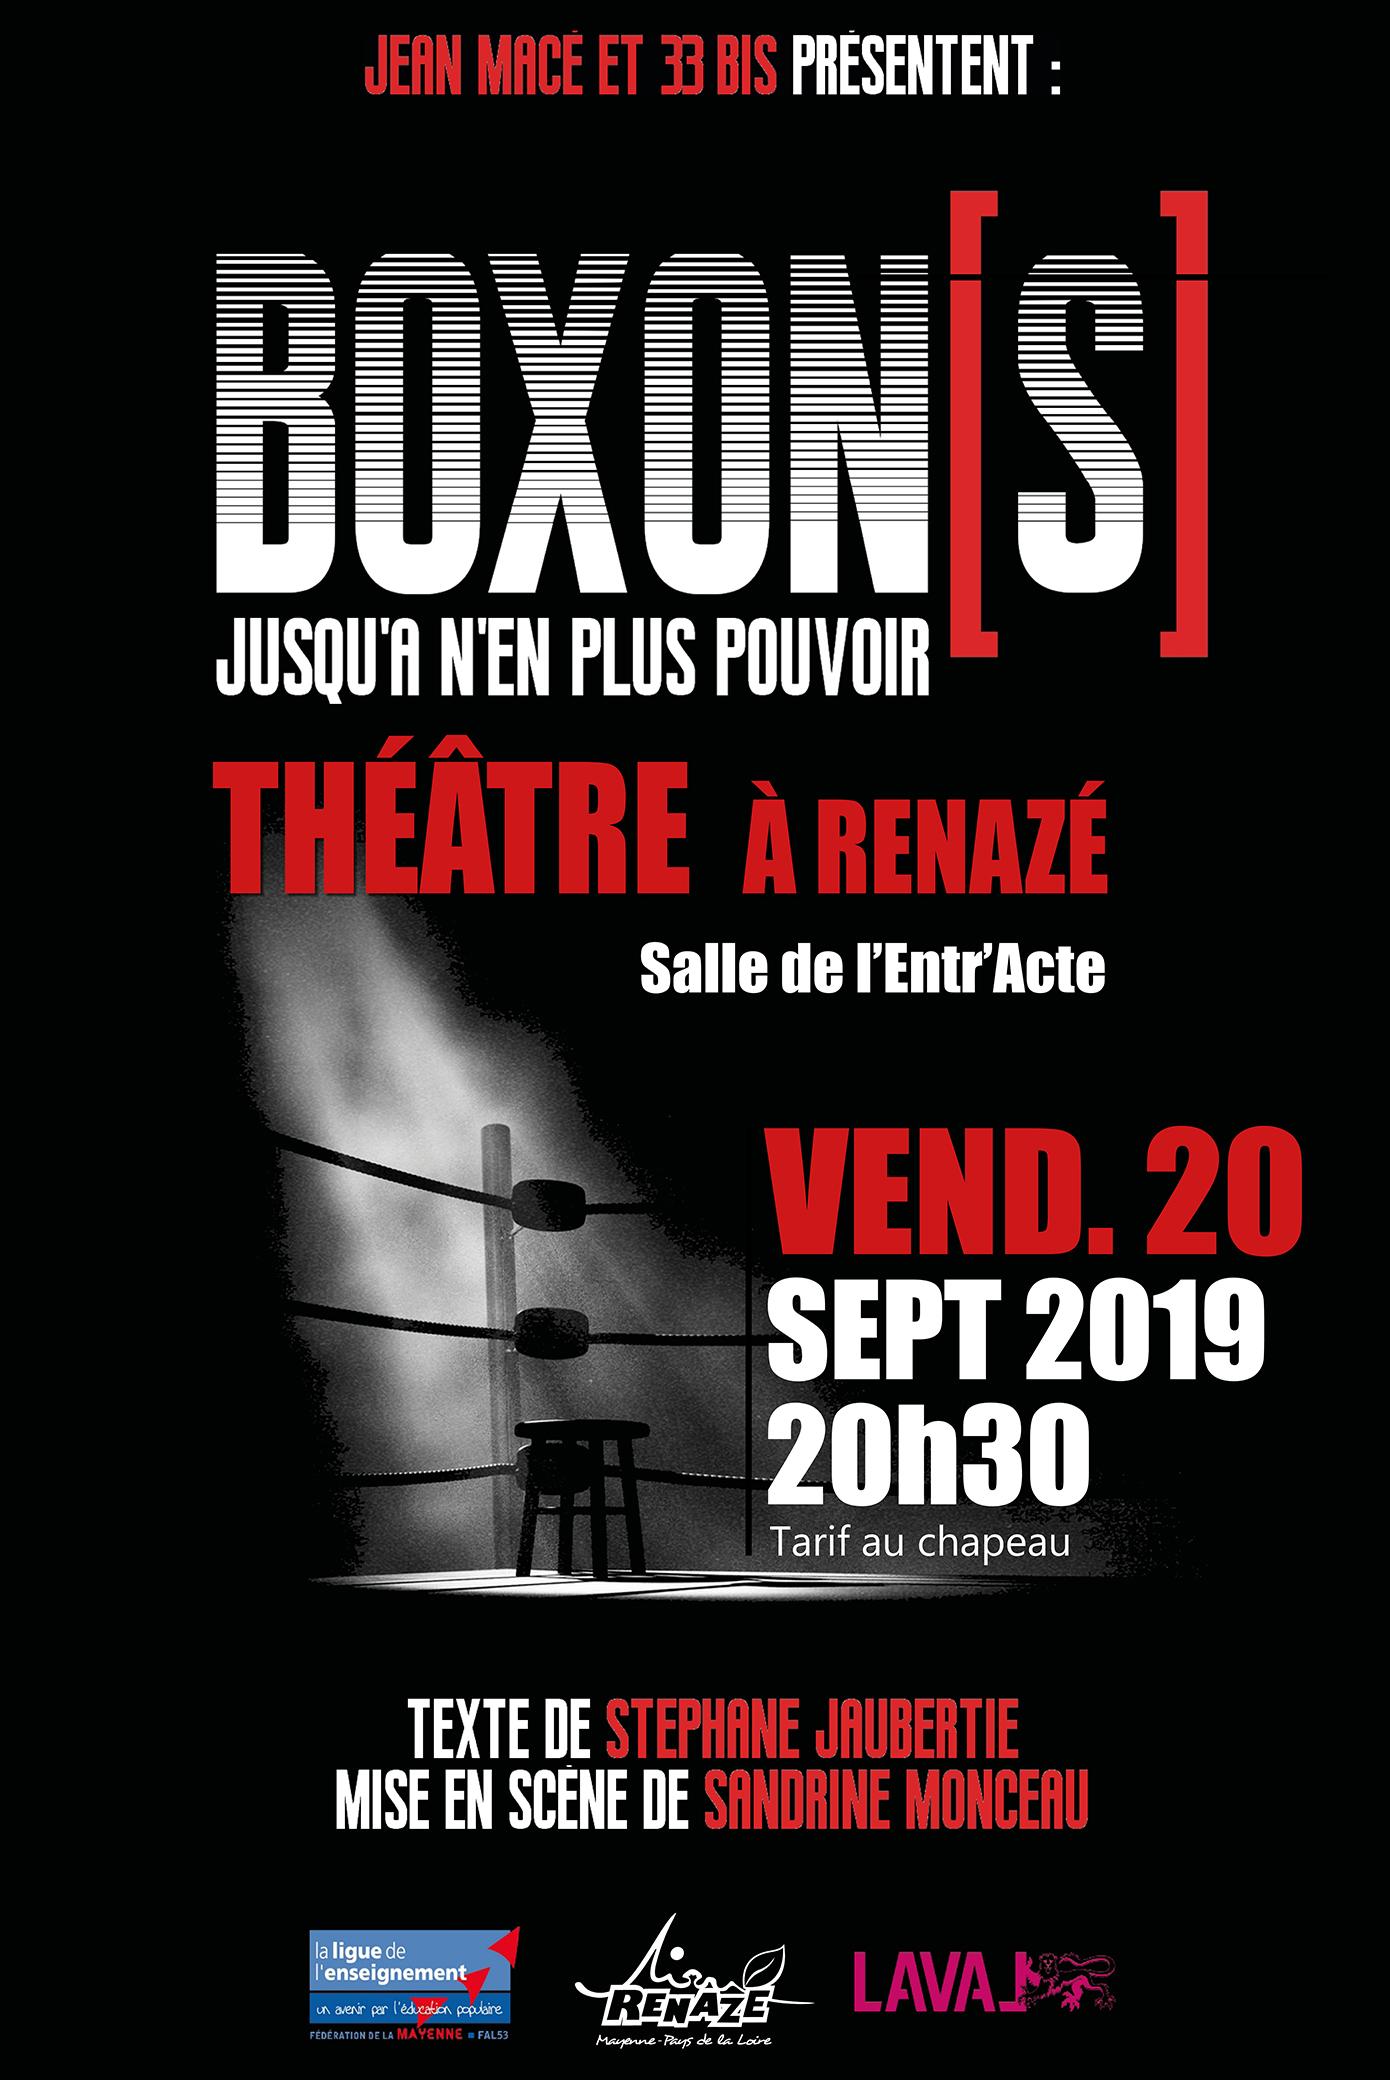 2019-20 théâtre à renazé miniature